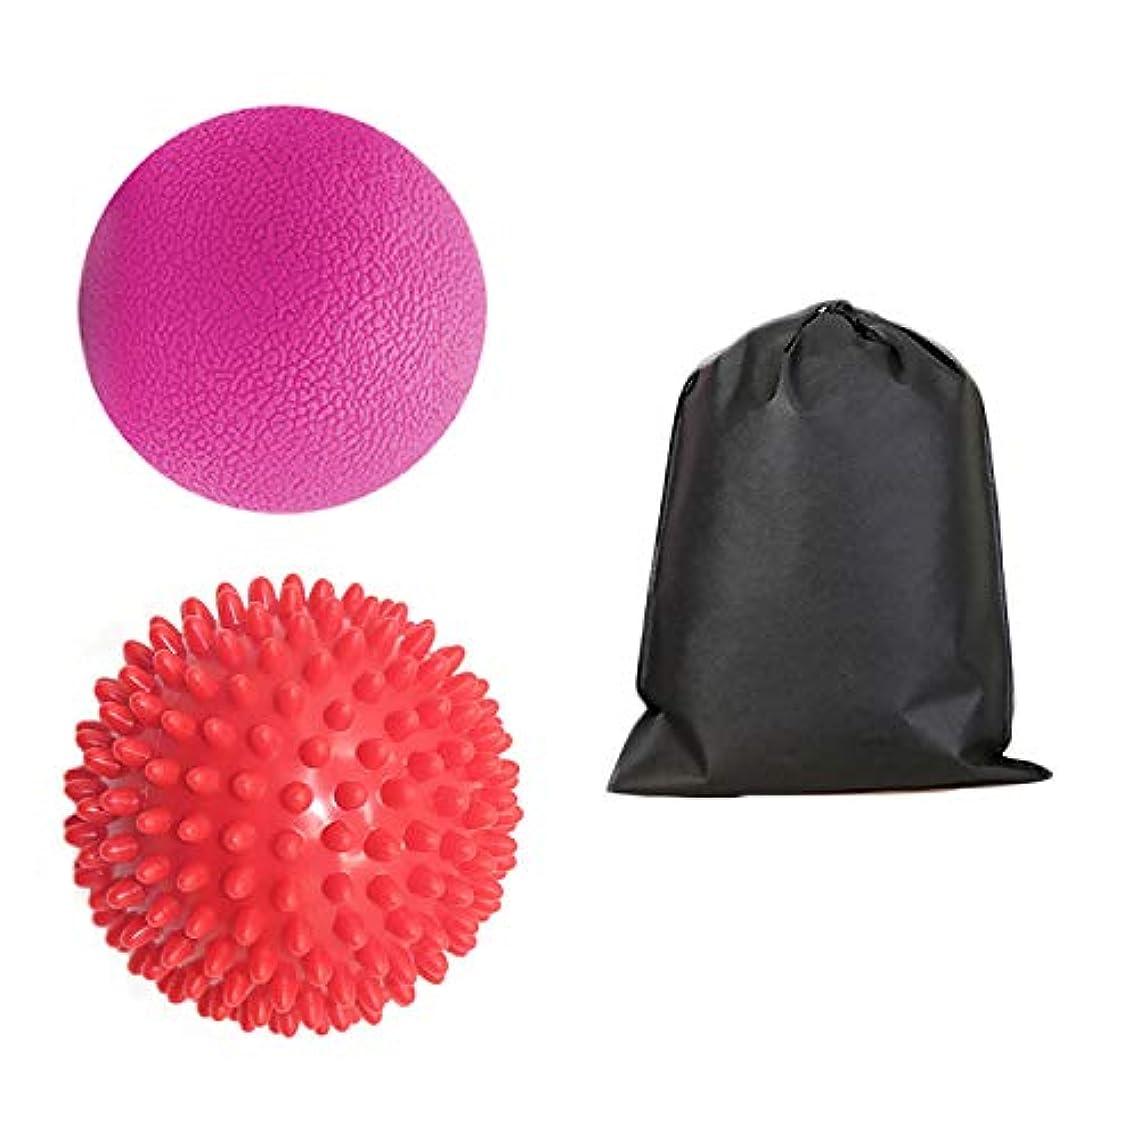 人気のローマ人虚栄心Migavan 1個マッサージボールマッサージボールローラーマッサージボール+ 1袋スパイクマッサージローラーボールマッサージと収納バッグ